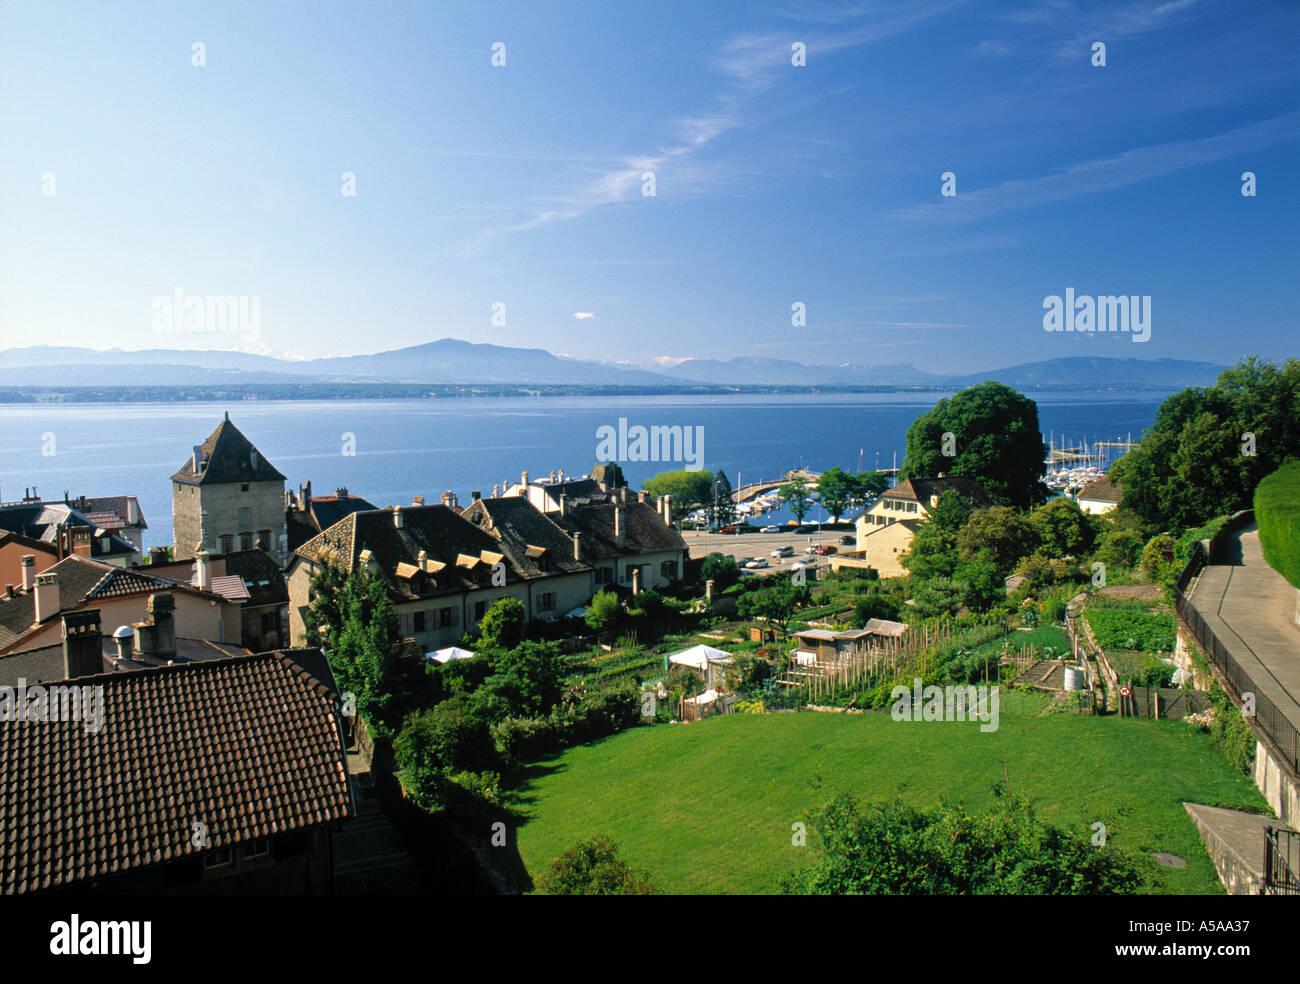 Nyon, Lake Geneva, Switzerland - Stock Image